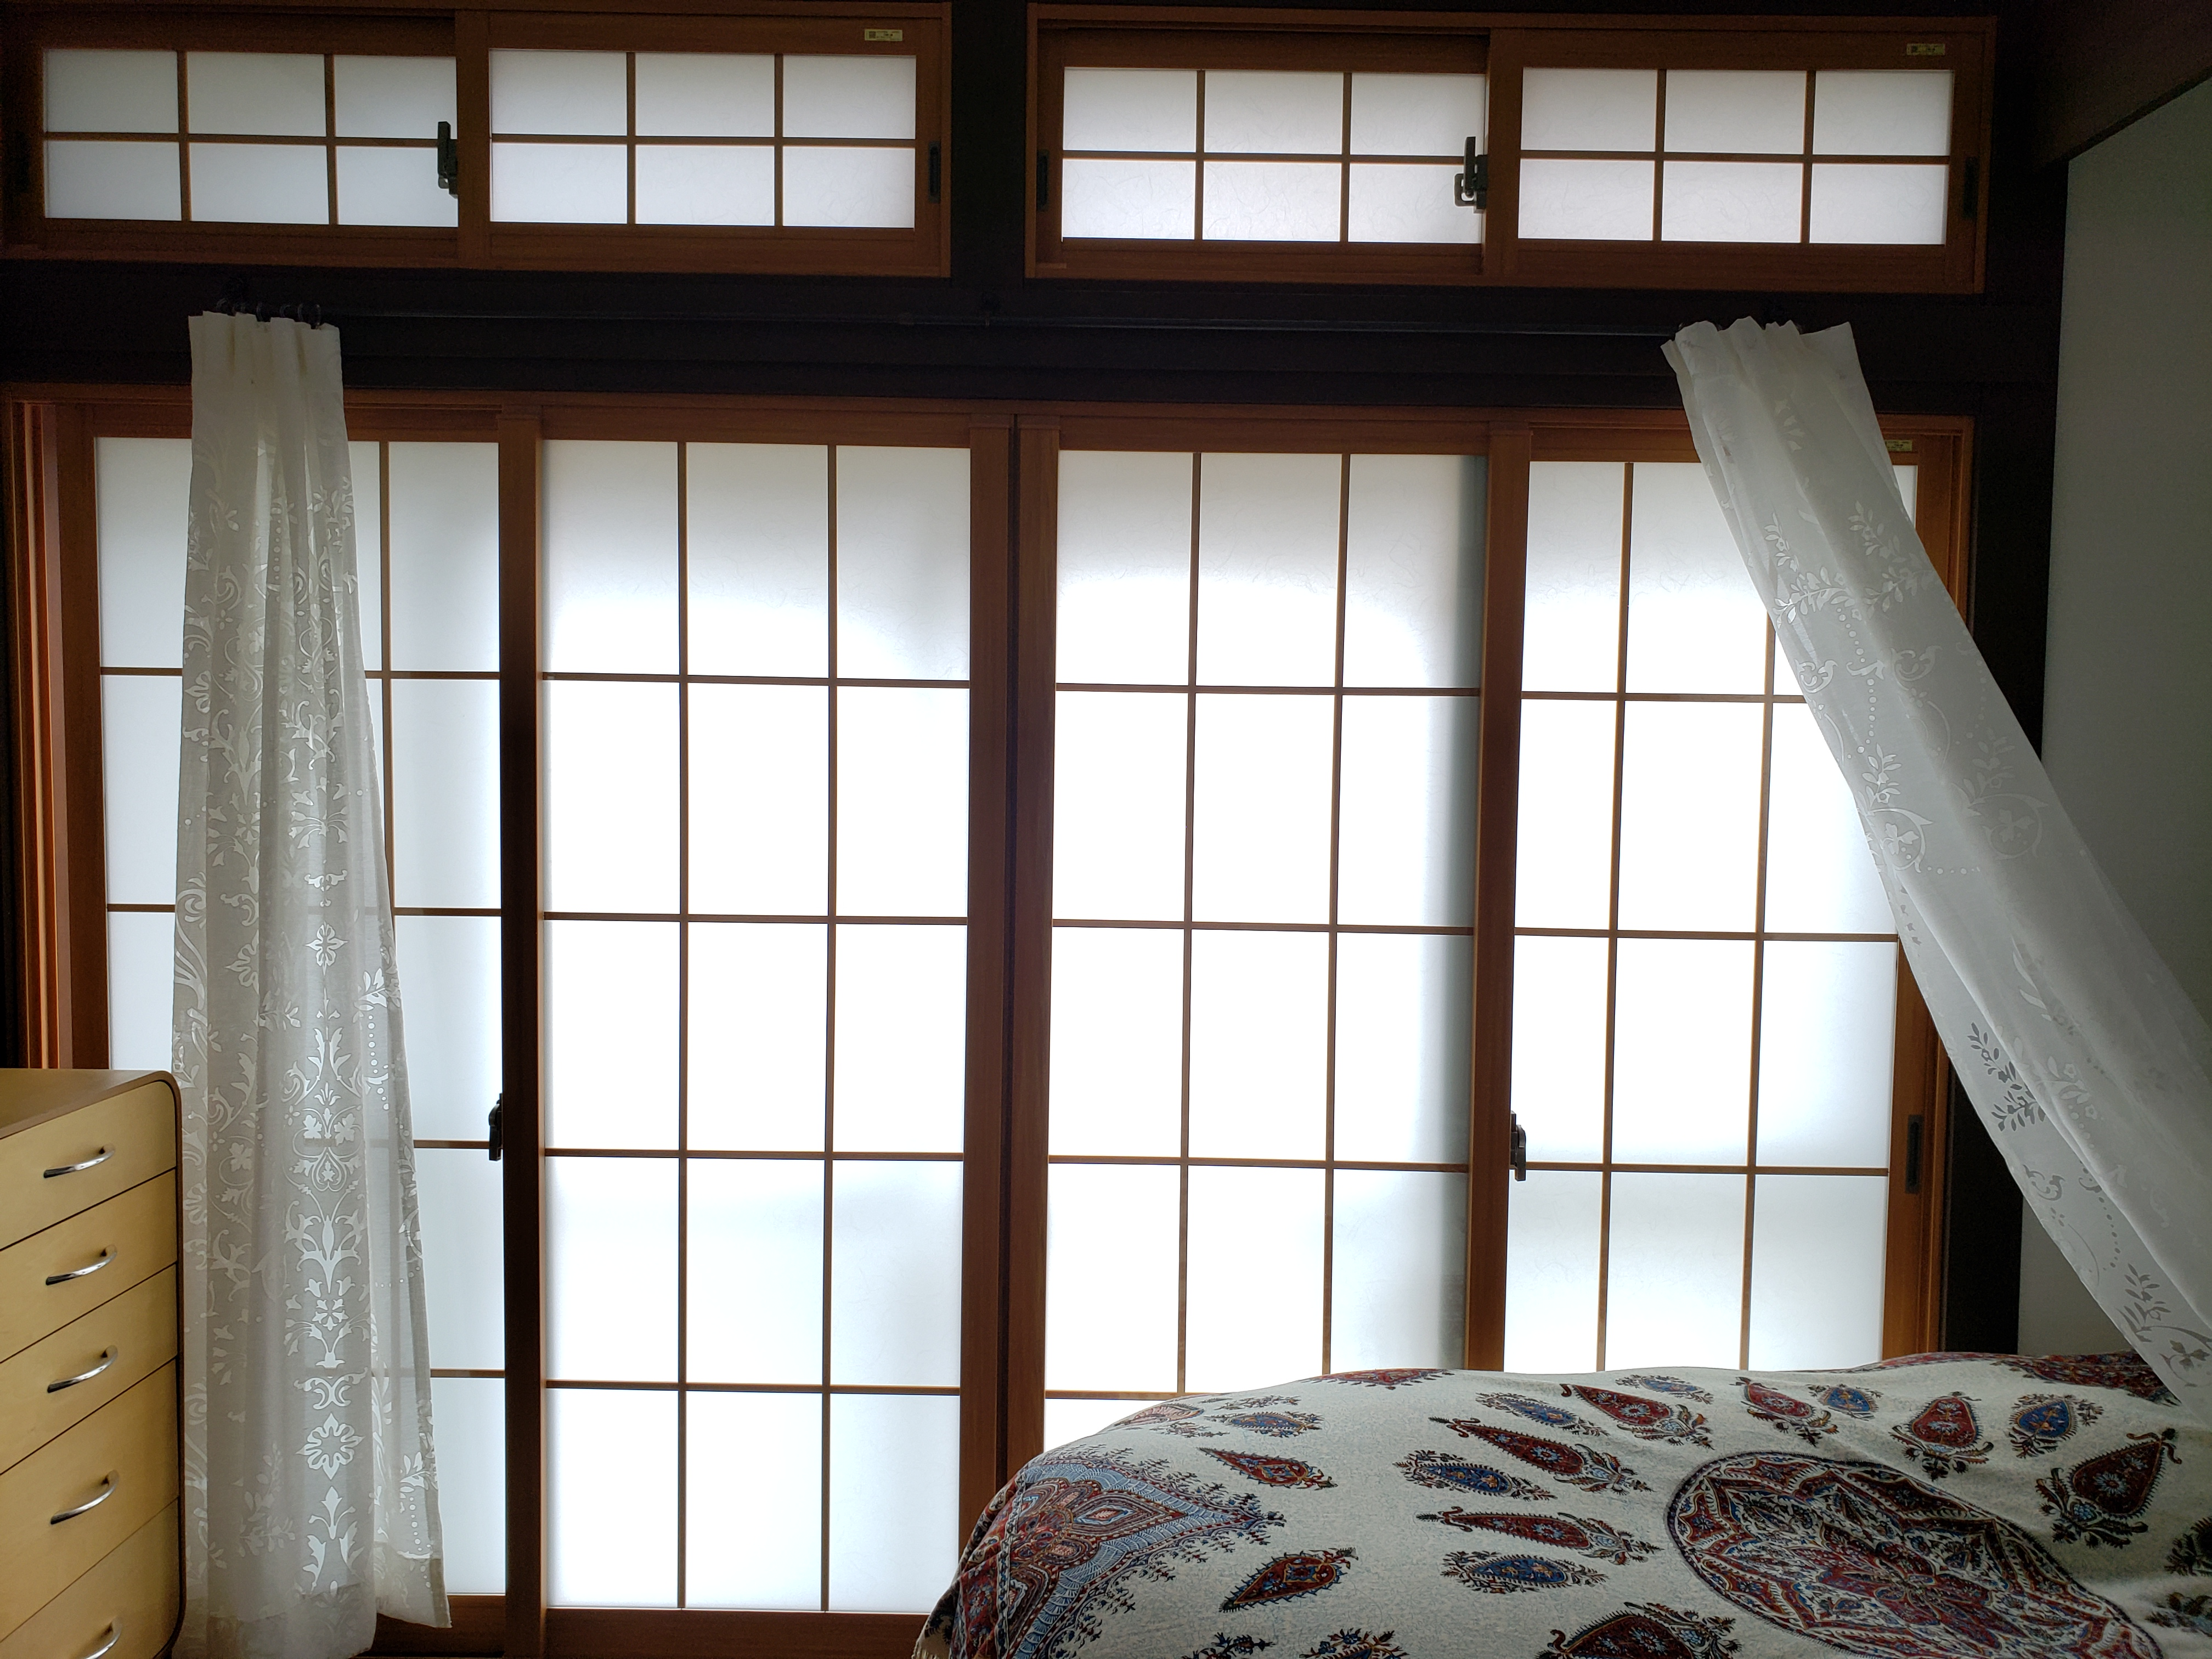 ギャラリーパティオの窓 リフォーム 内窓の施工事例写真